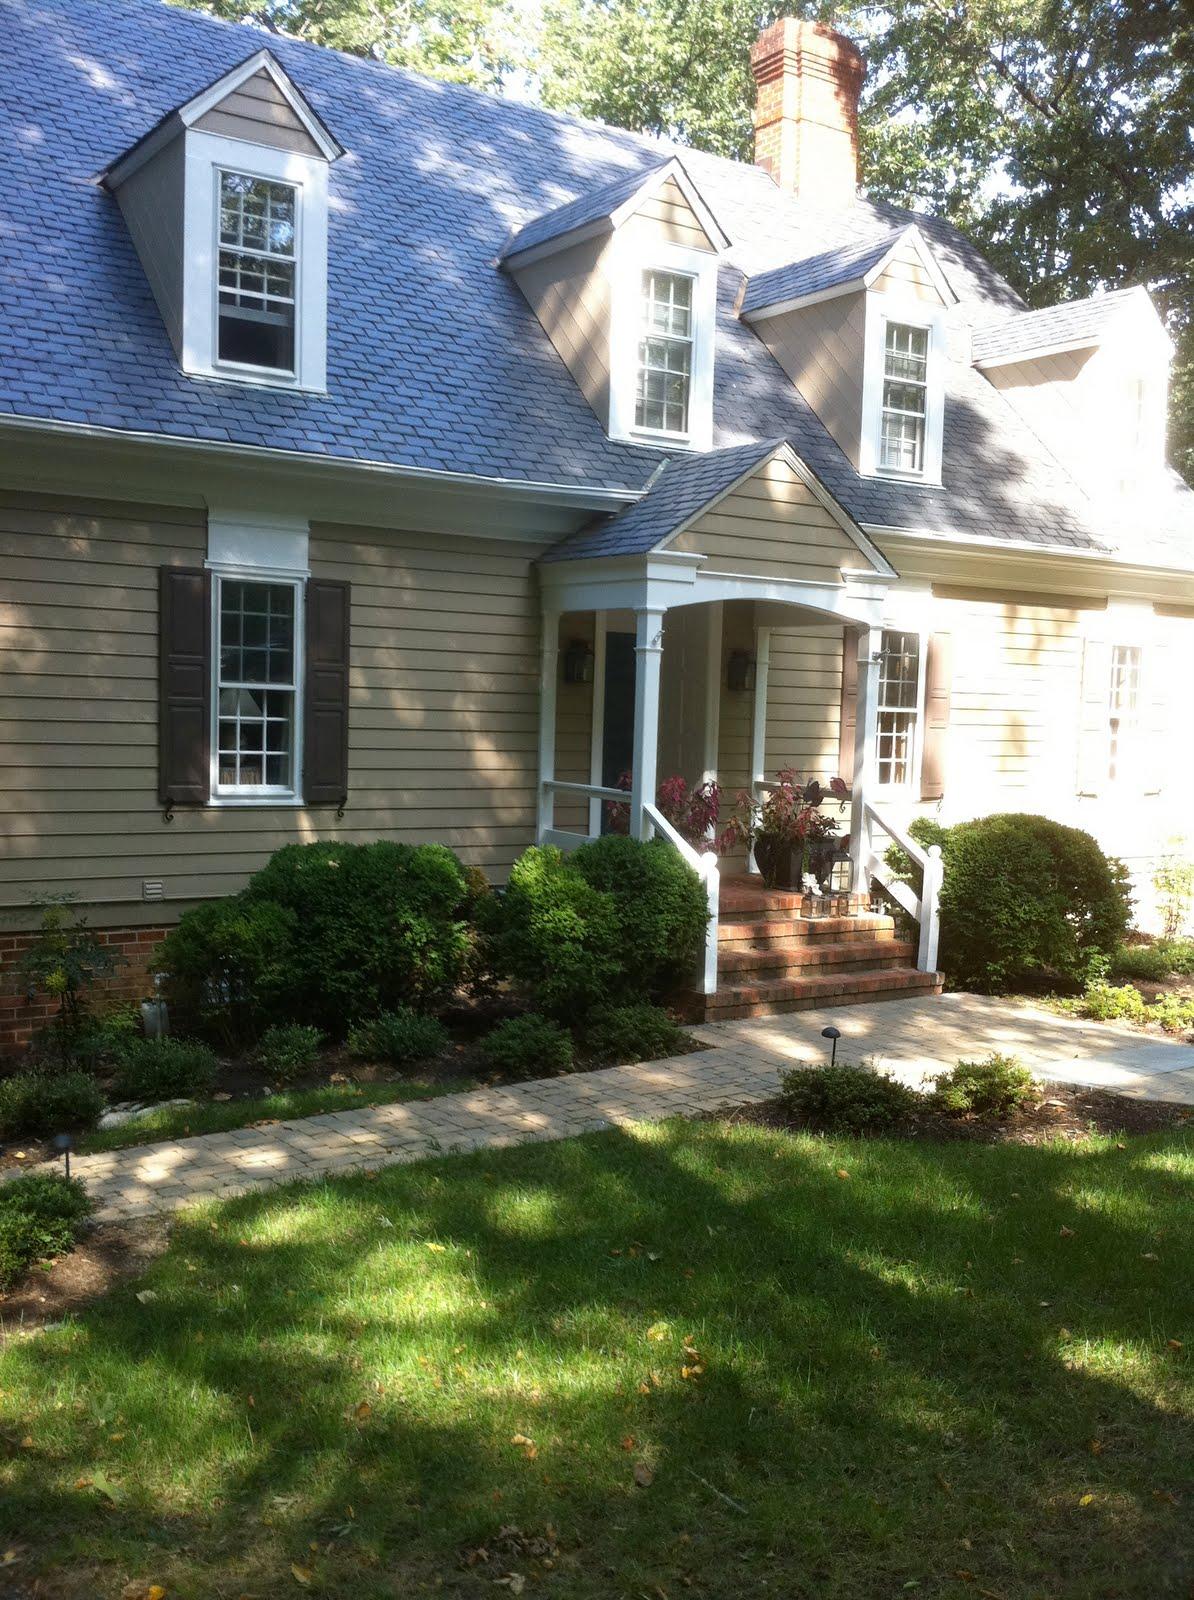 Bridget beari design chat exterior paint colors - Exterior house colour schemes pictures ...